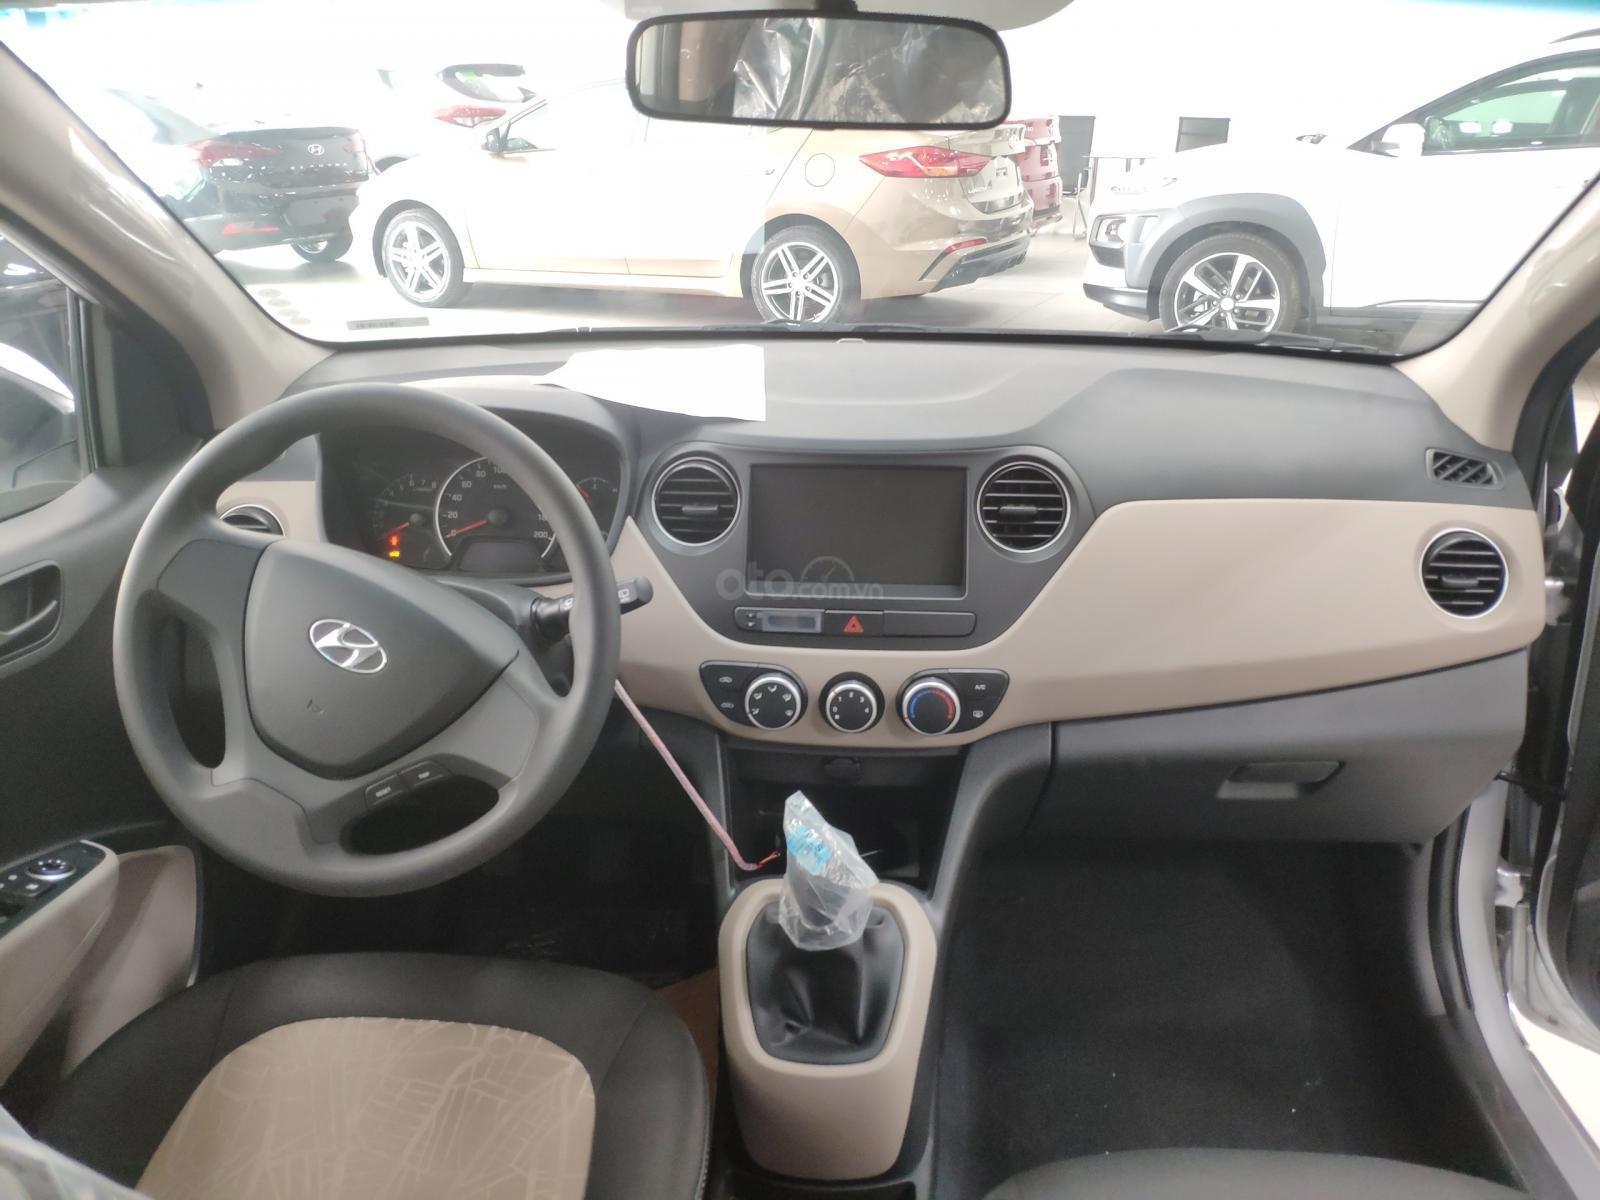 Bán Hyundai Grand i10 năm sản xuất 2019, màu bạc-1